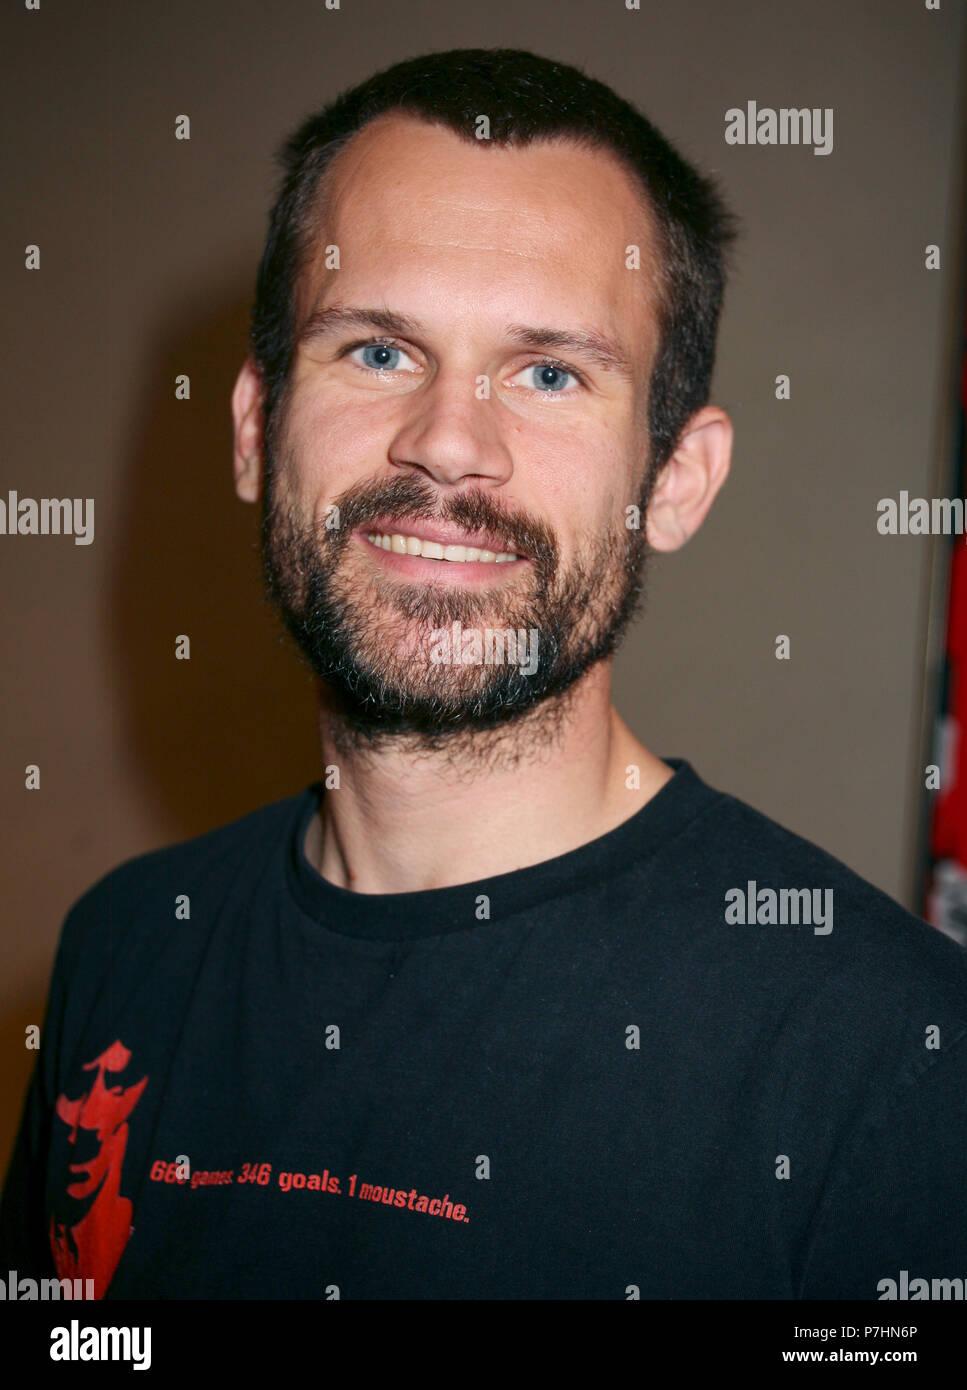 STEFAN HOLM Athletics 2012 - Stock Image